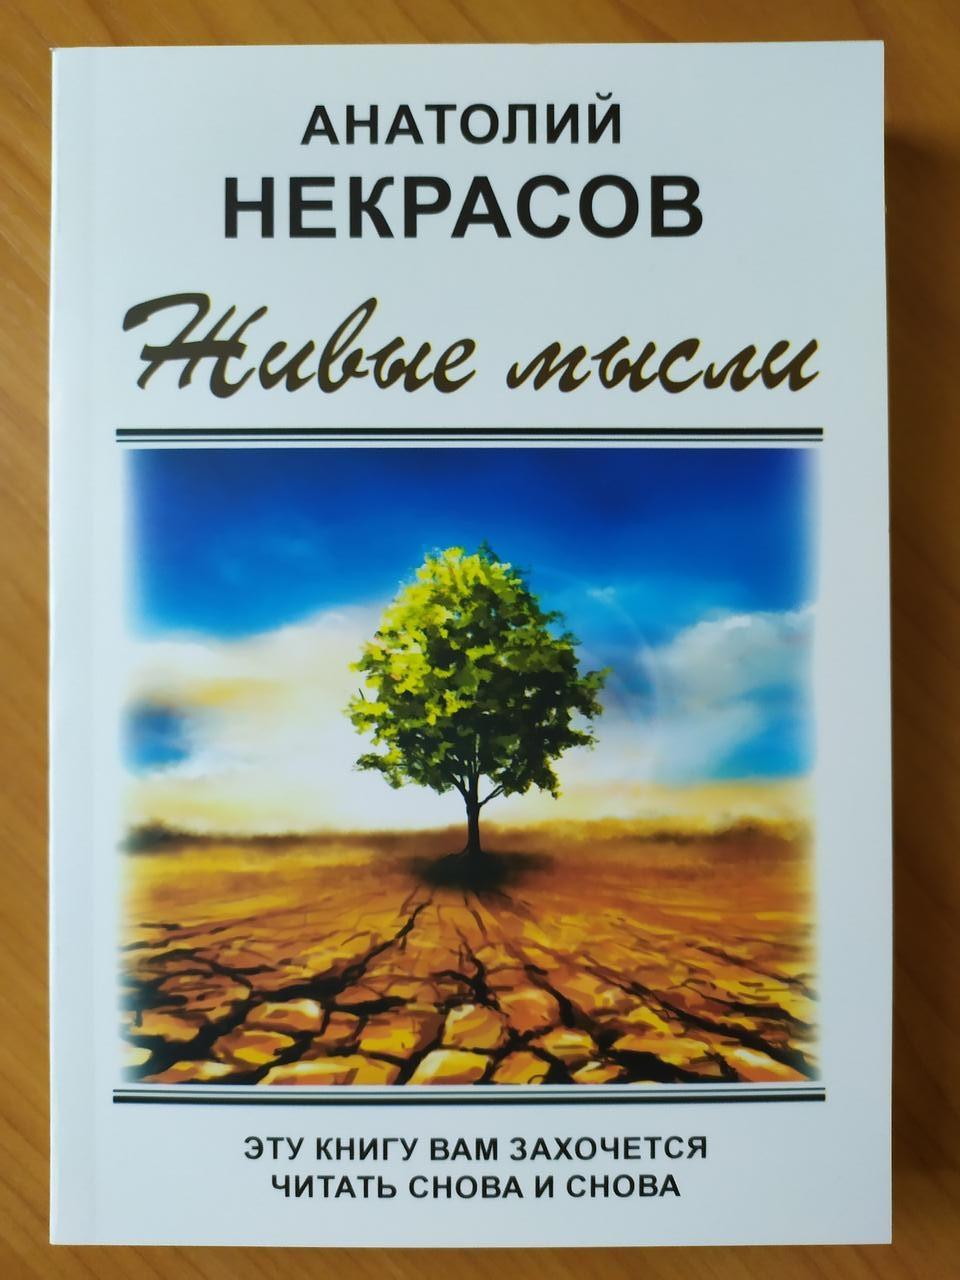 Анатолий Некрасов. Живые мысли